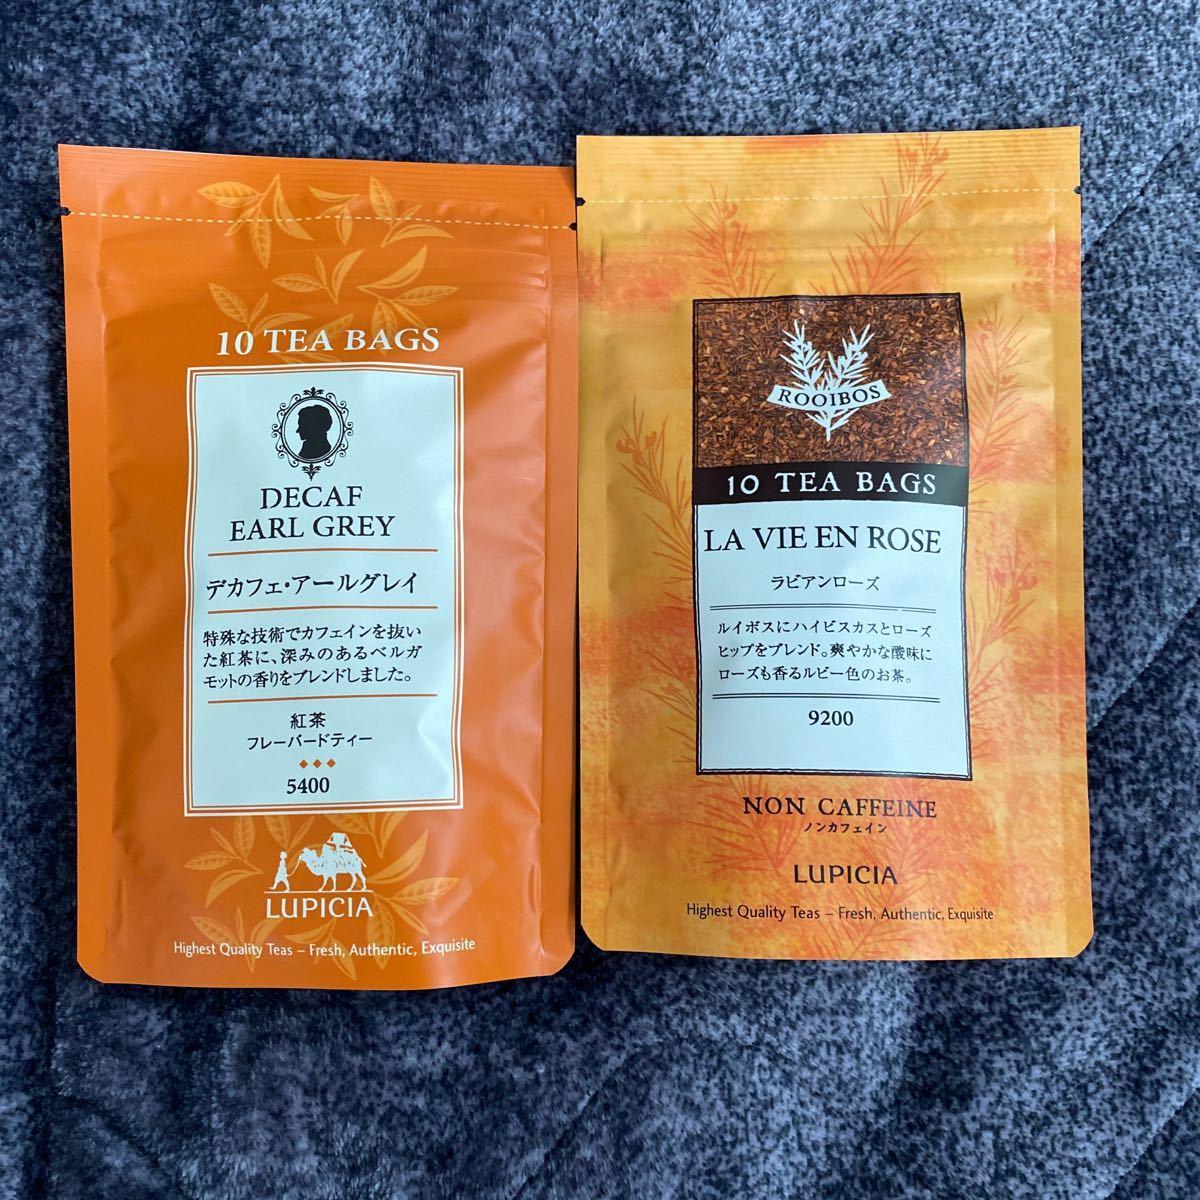 ルピシア LUPICIA 紅茶ティーバッグ デカフェ ルイボスティー 福袋